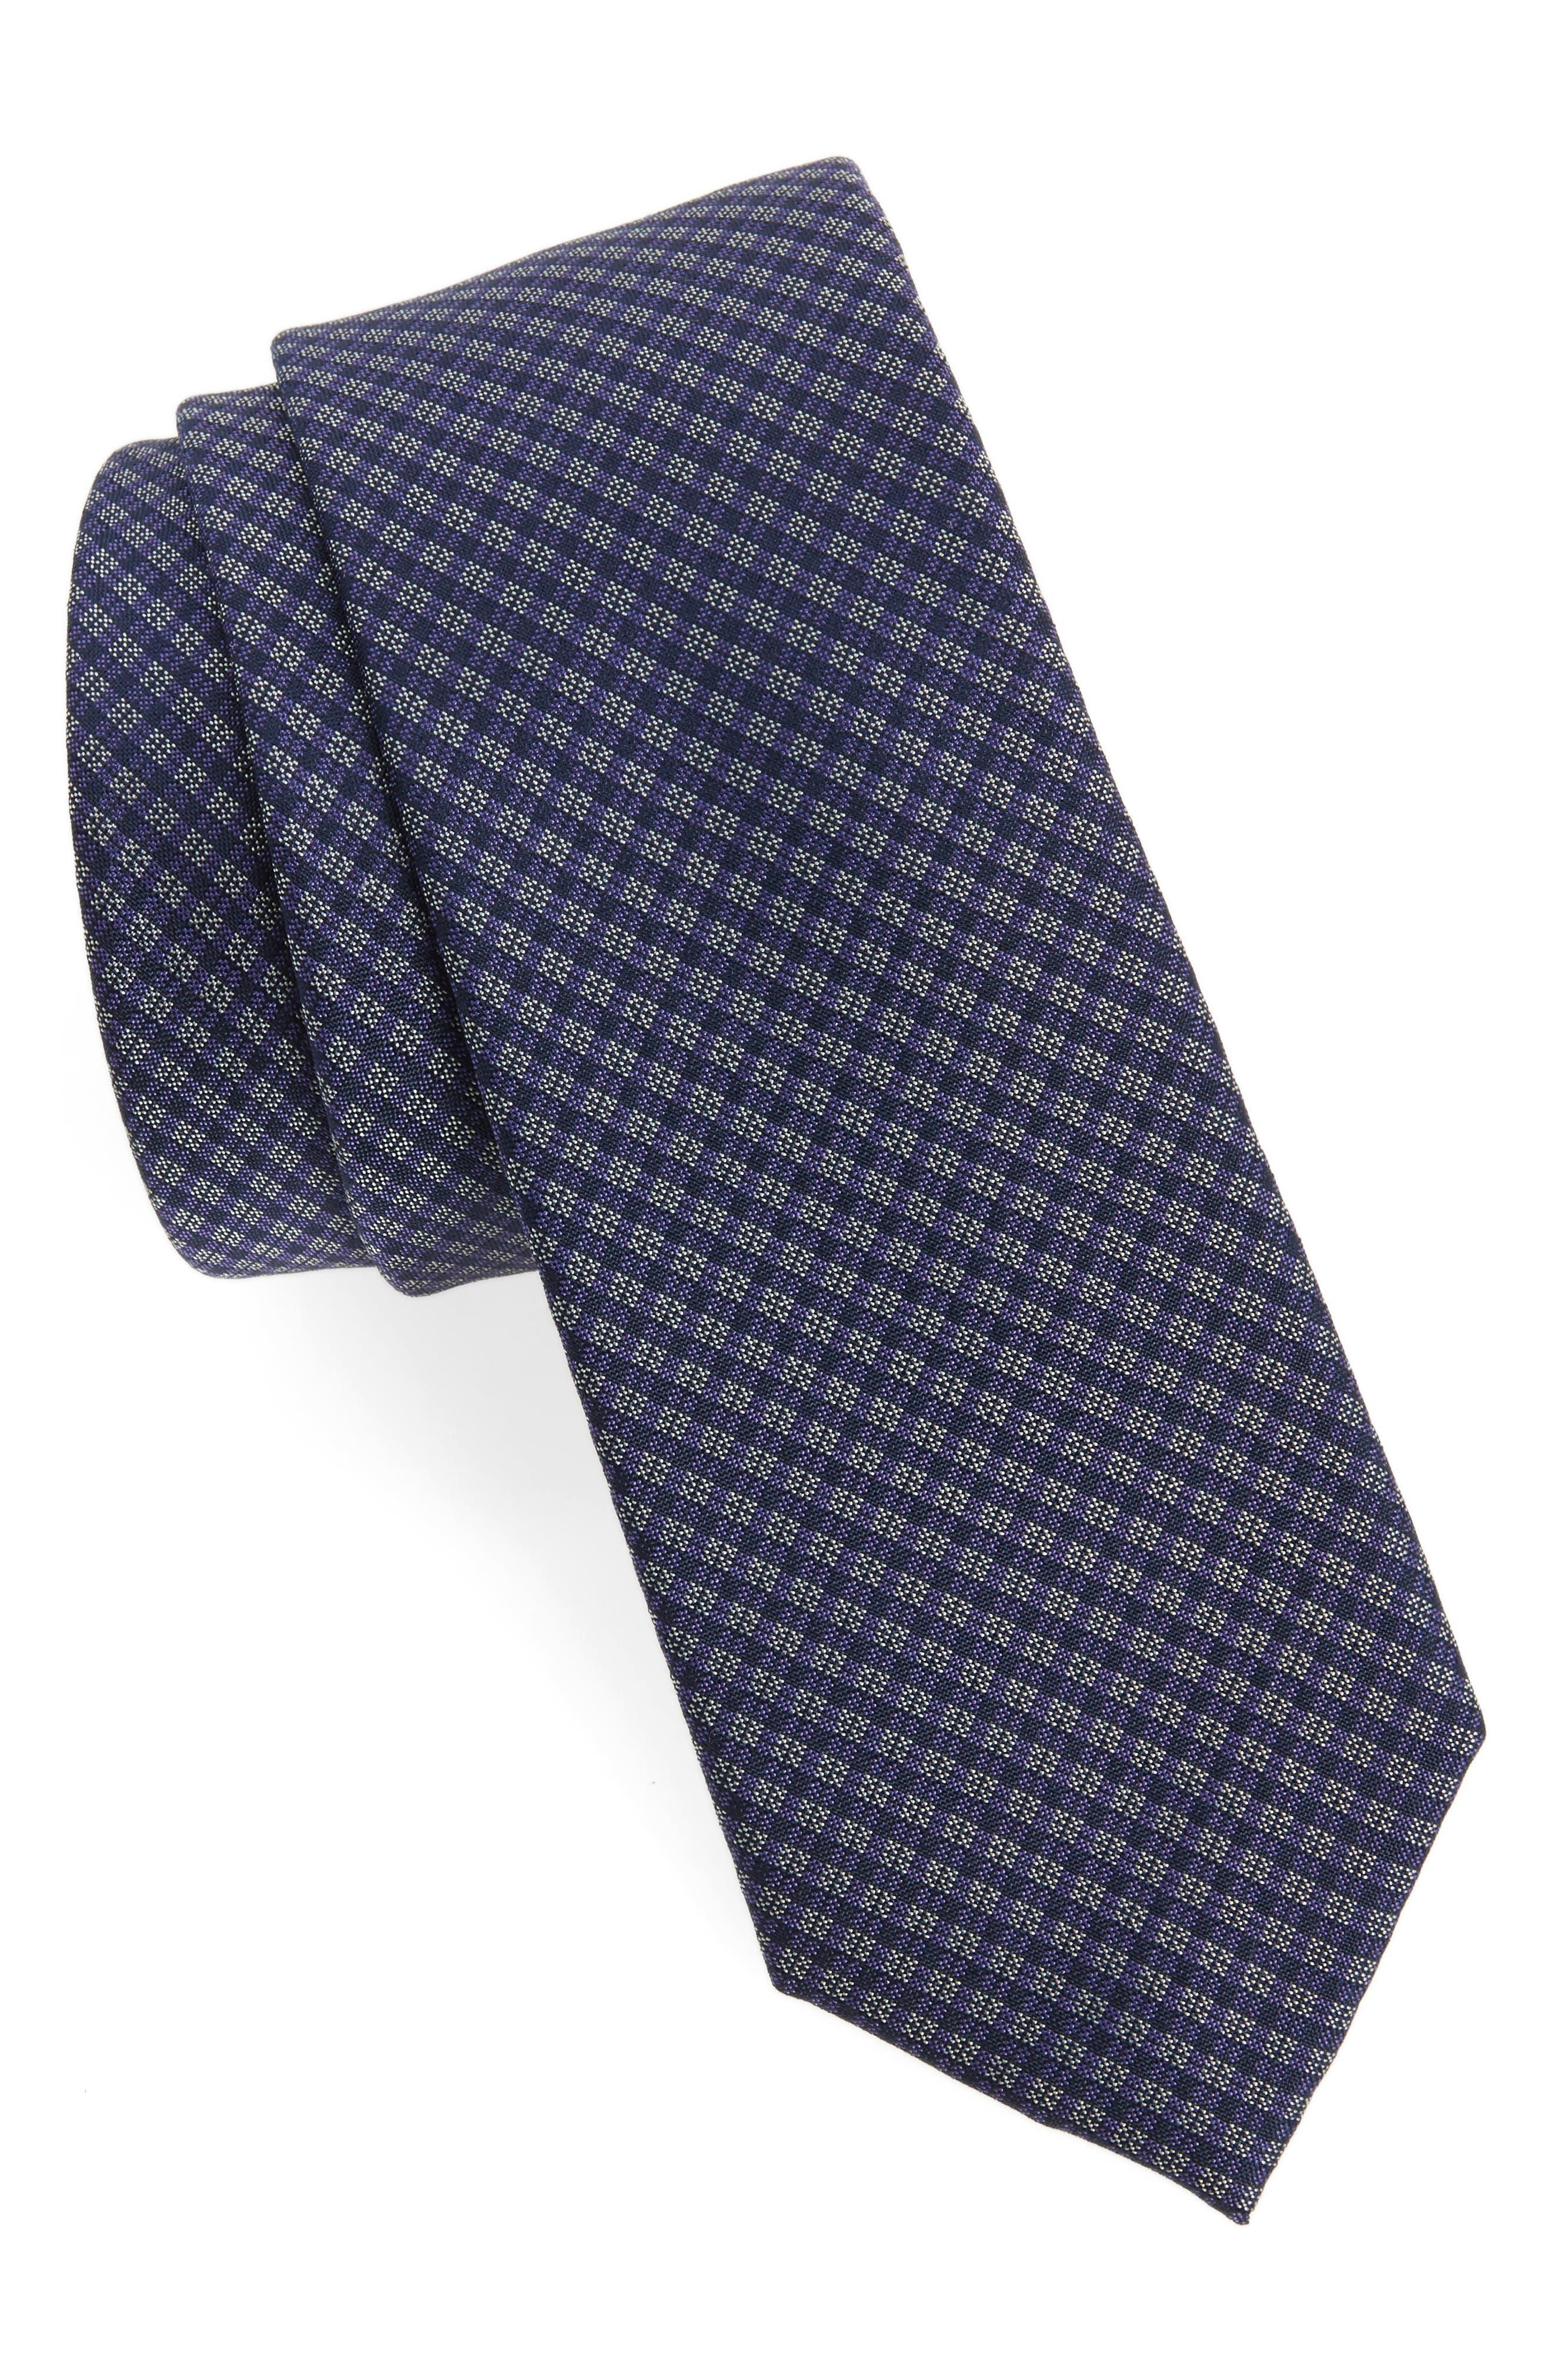 Microcheck Silk Tie,                         Main,                         color, Purple